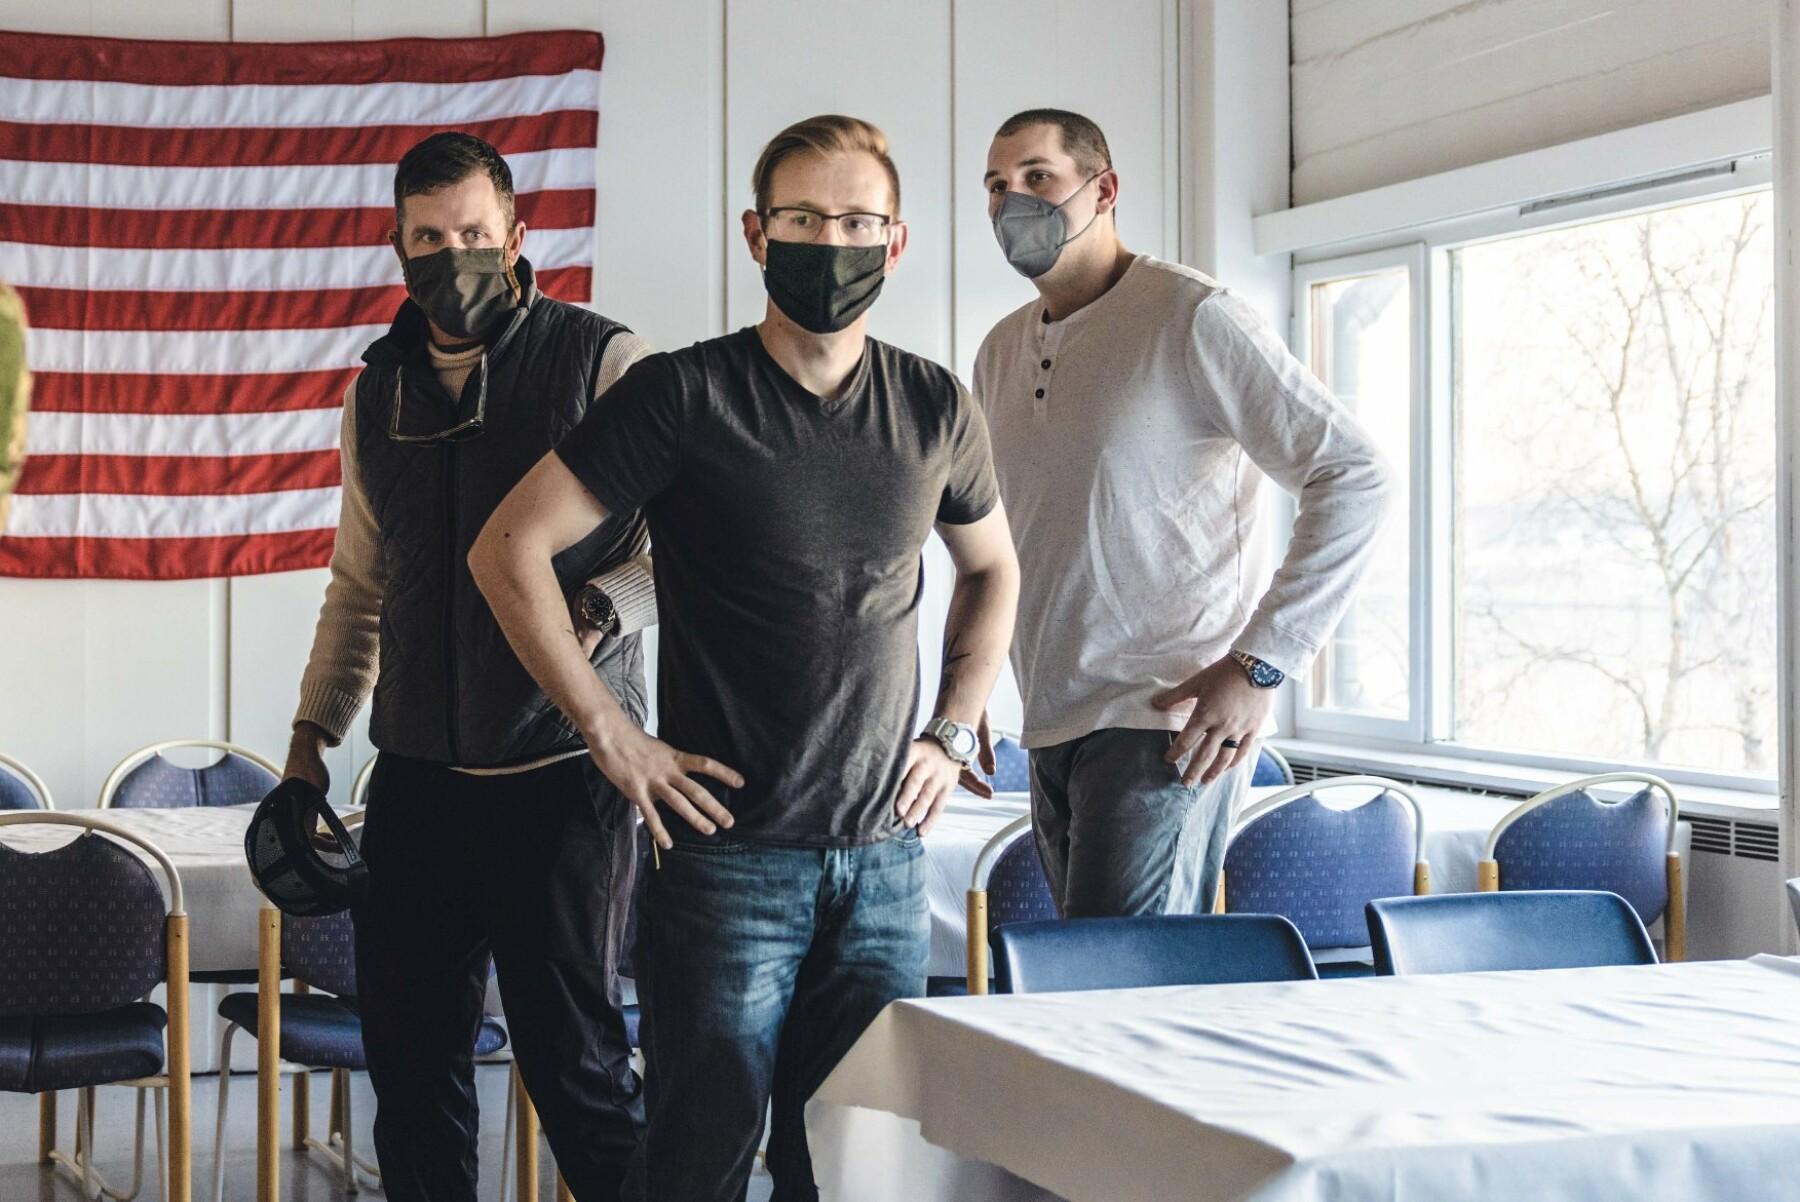 PÅ PLASS I TROMSØ: Skipssjef Jared Smith (t.v), sammen med maskinist Brendon Perry (i midten) og Lt. commander Matthew White (t.h).